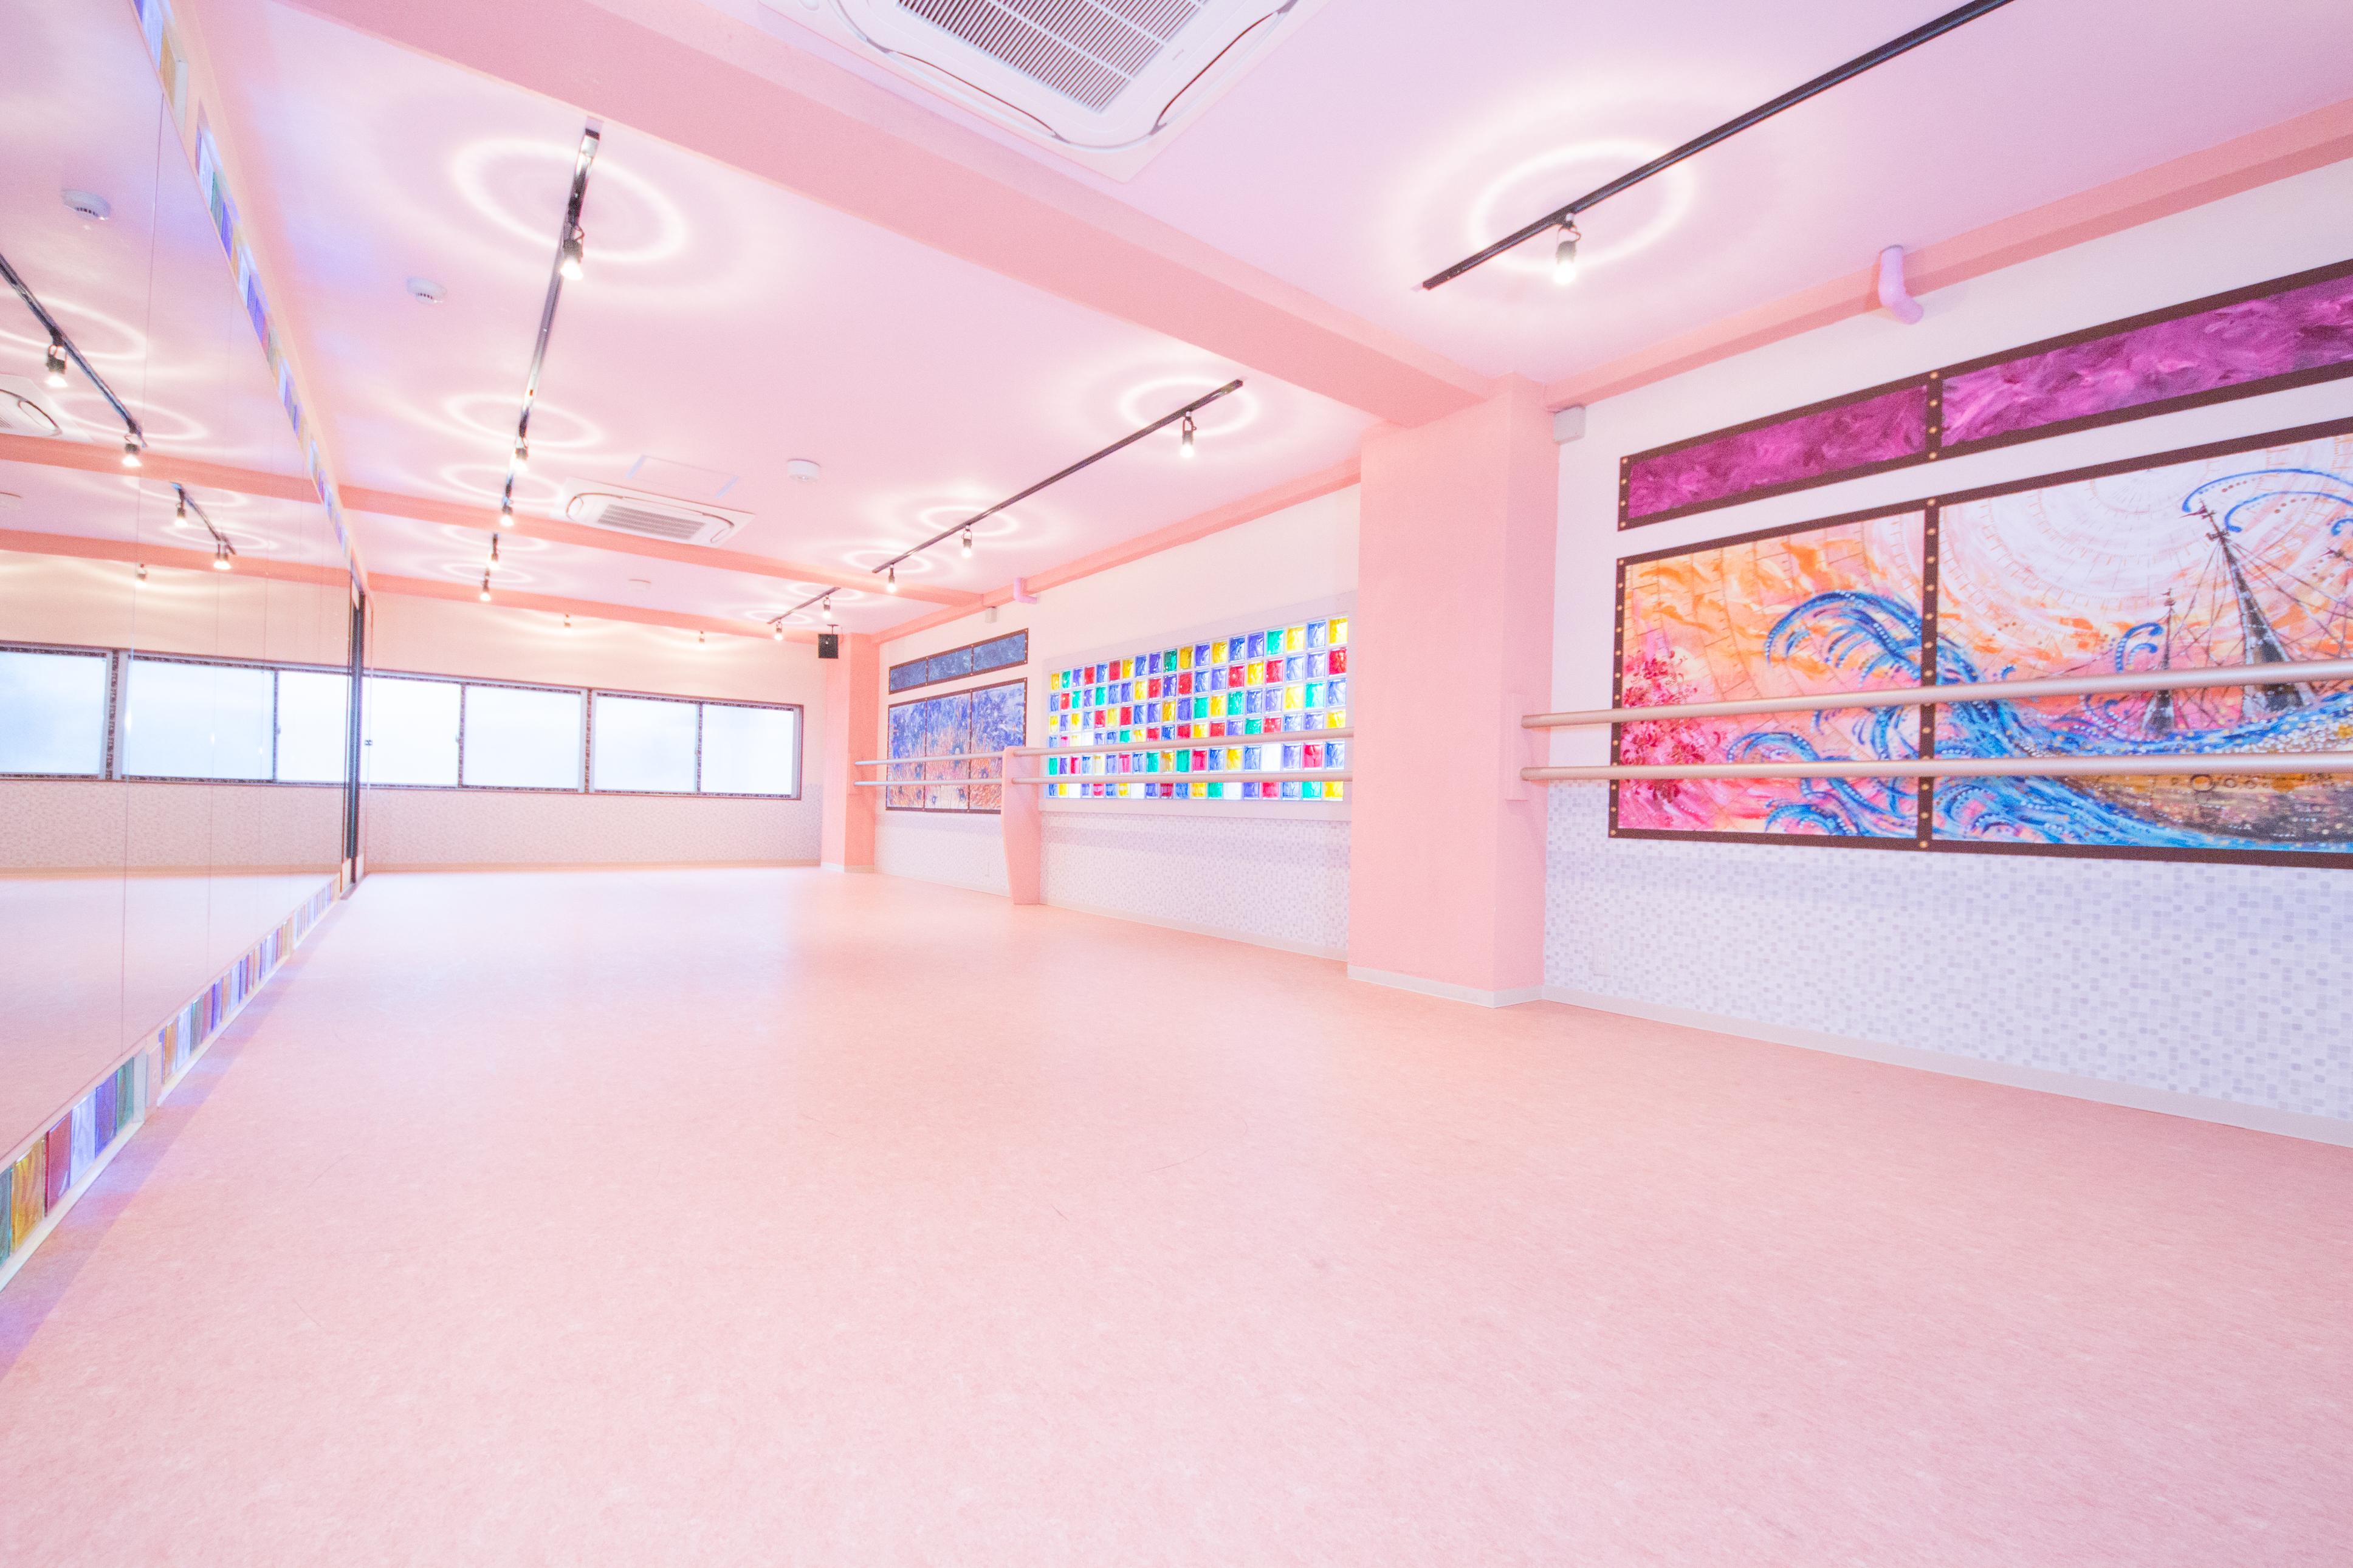 雰囲気の異なる2スタジオのイメージ